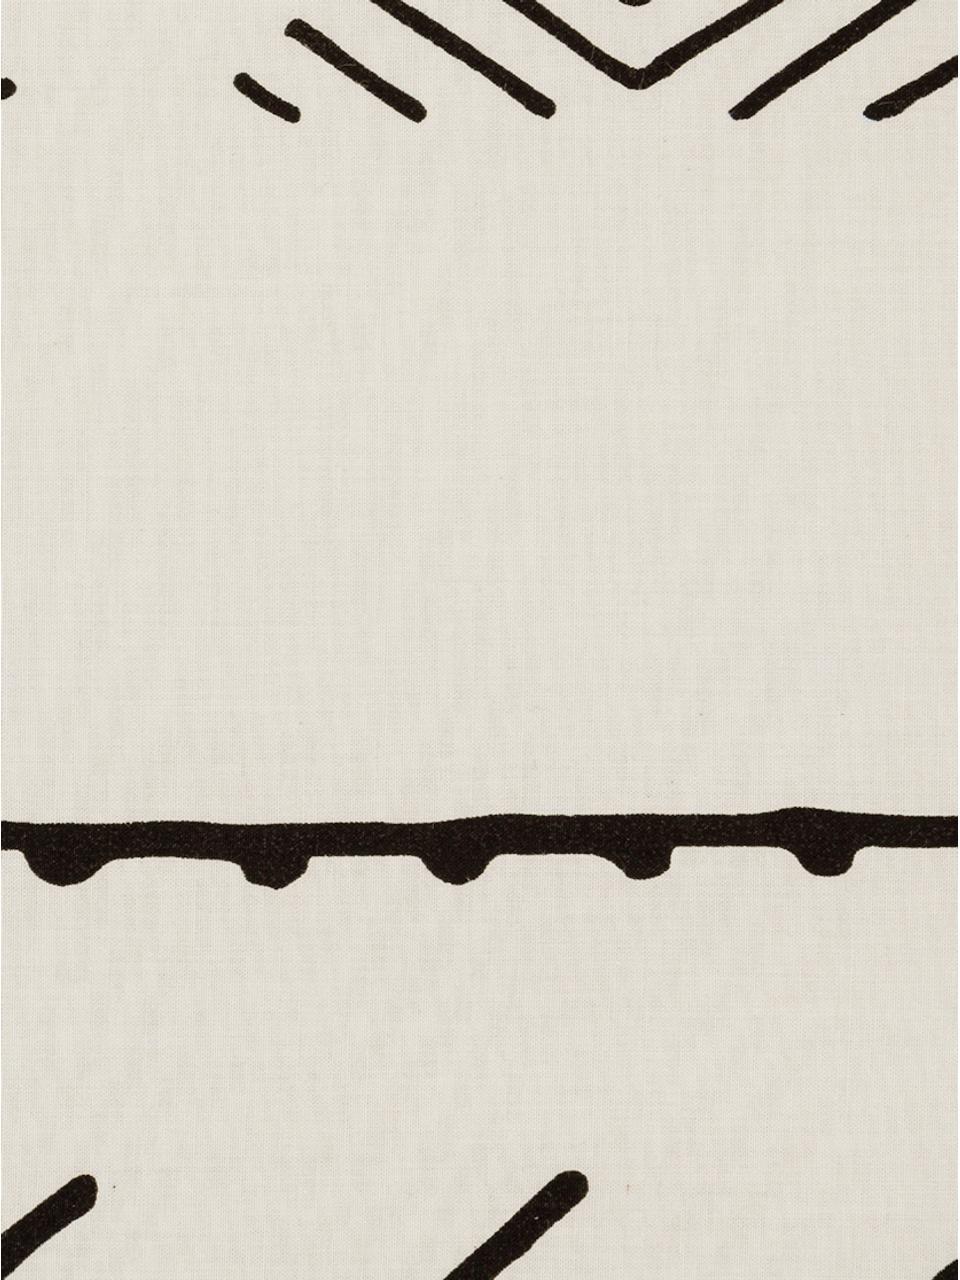 Gewaschene Baumwoll-Kissenbezüge Kohana im Boho Style, 2 Stück, Webart: Perkal Fadendichte 180 TC, Ecru, Schwarz, 40 x 80 cm